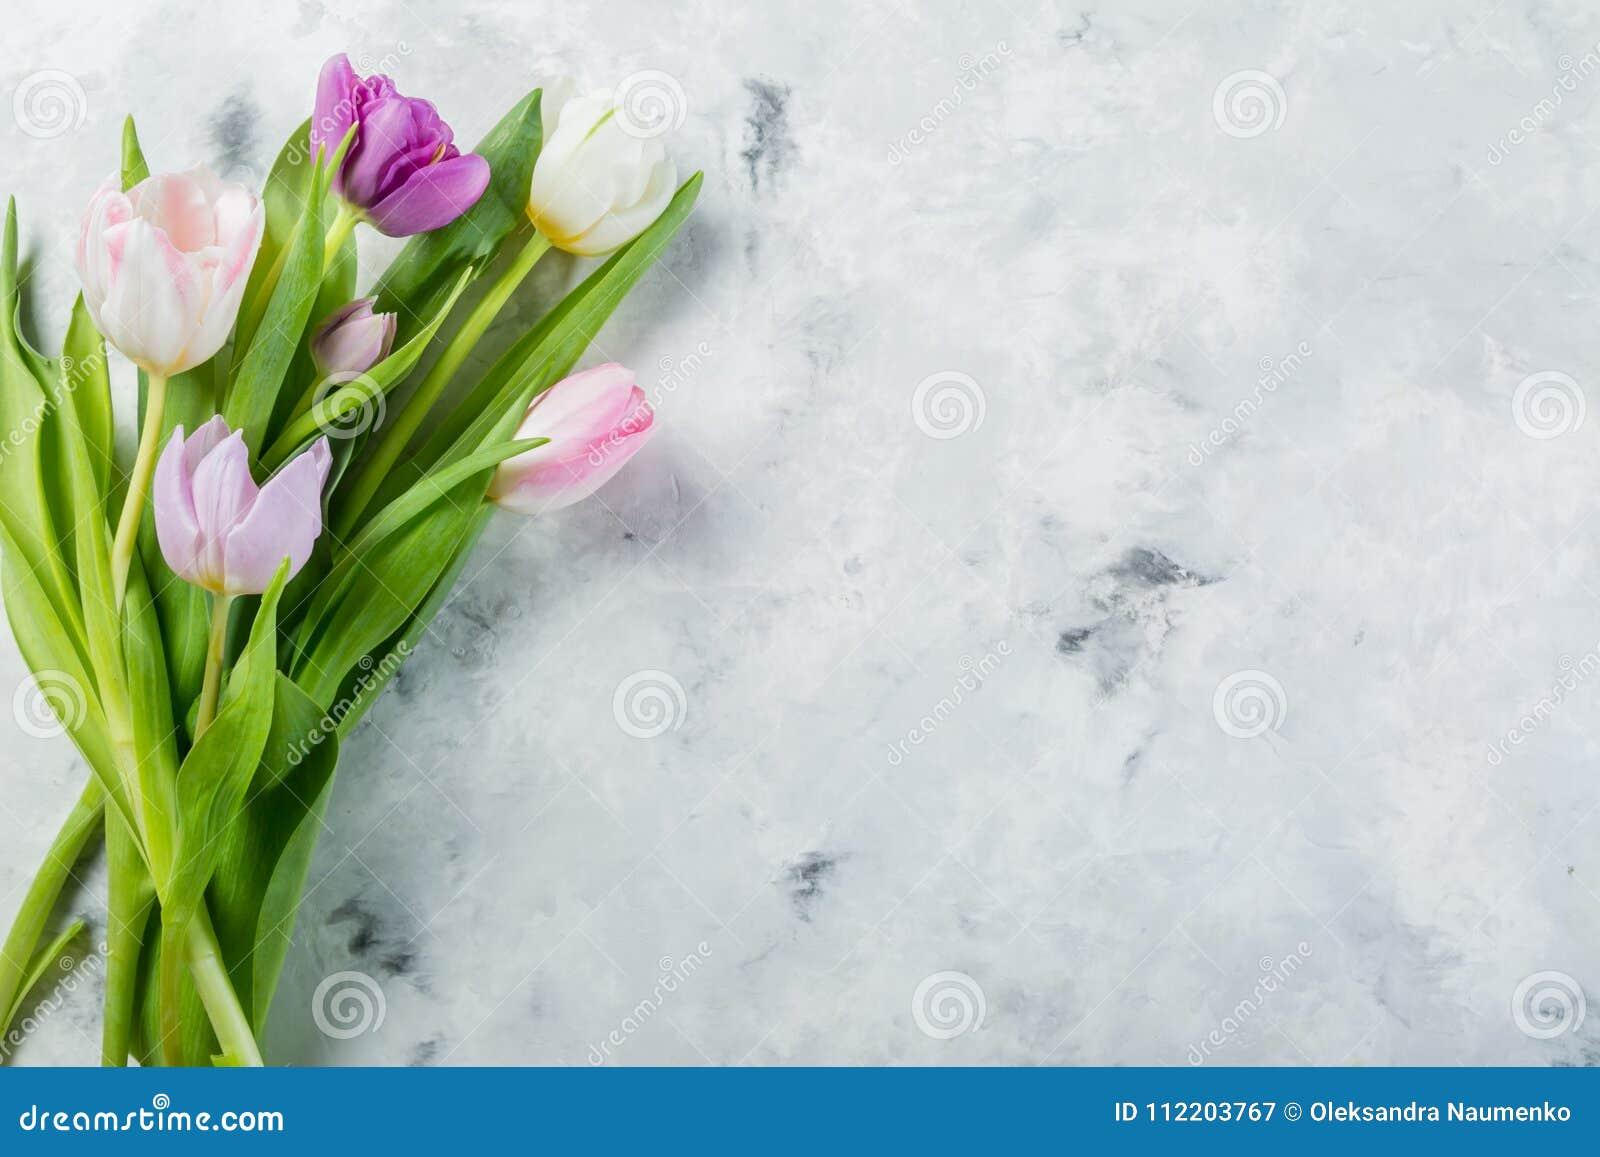 concepto de la primavera pascua día de madres flores en el fondo